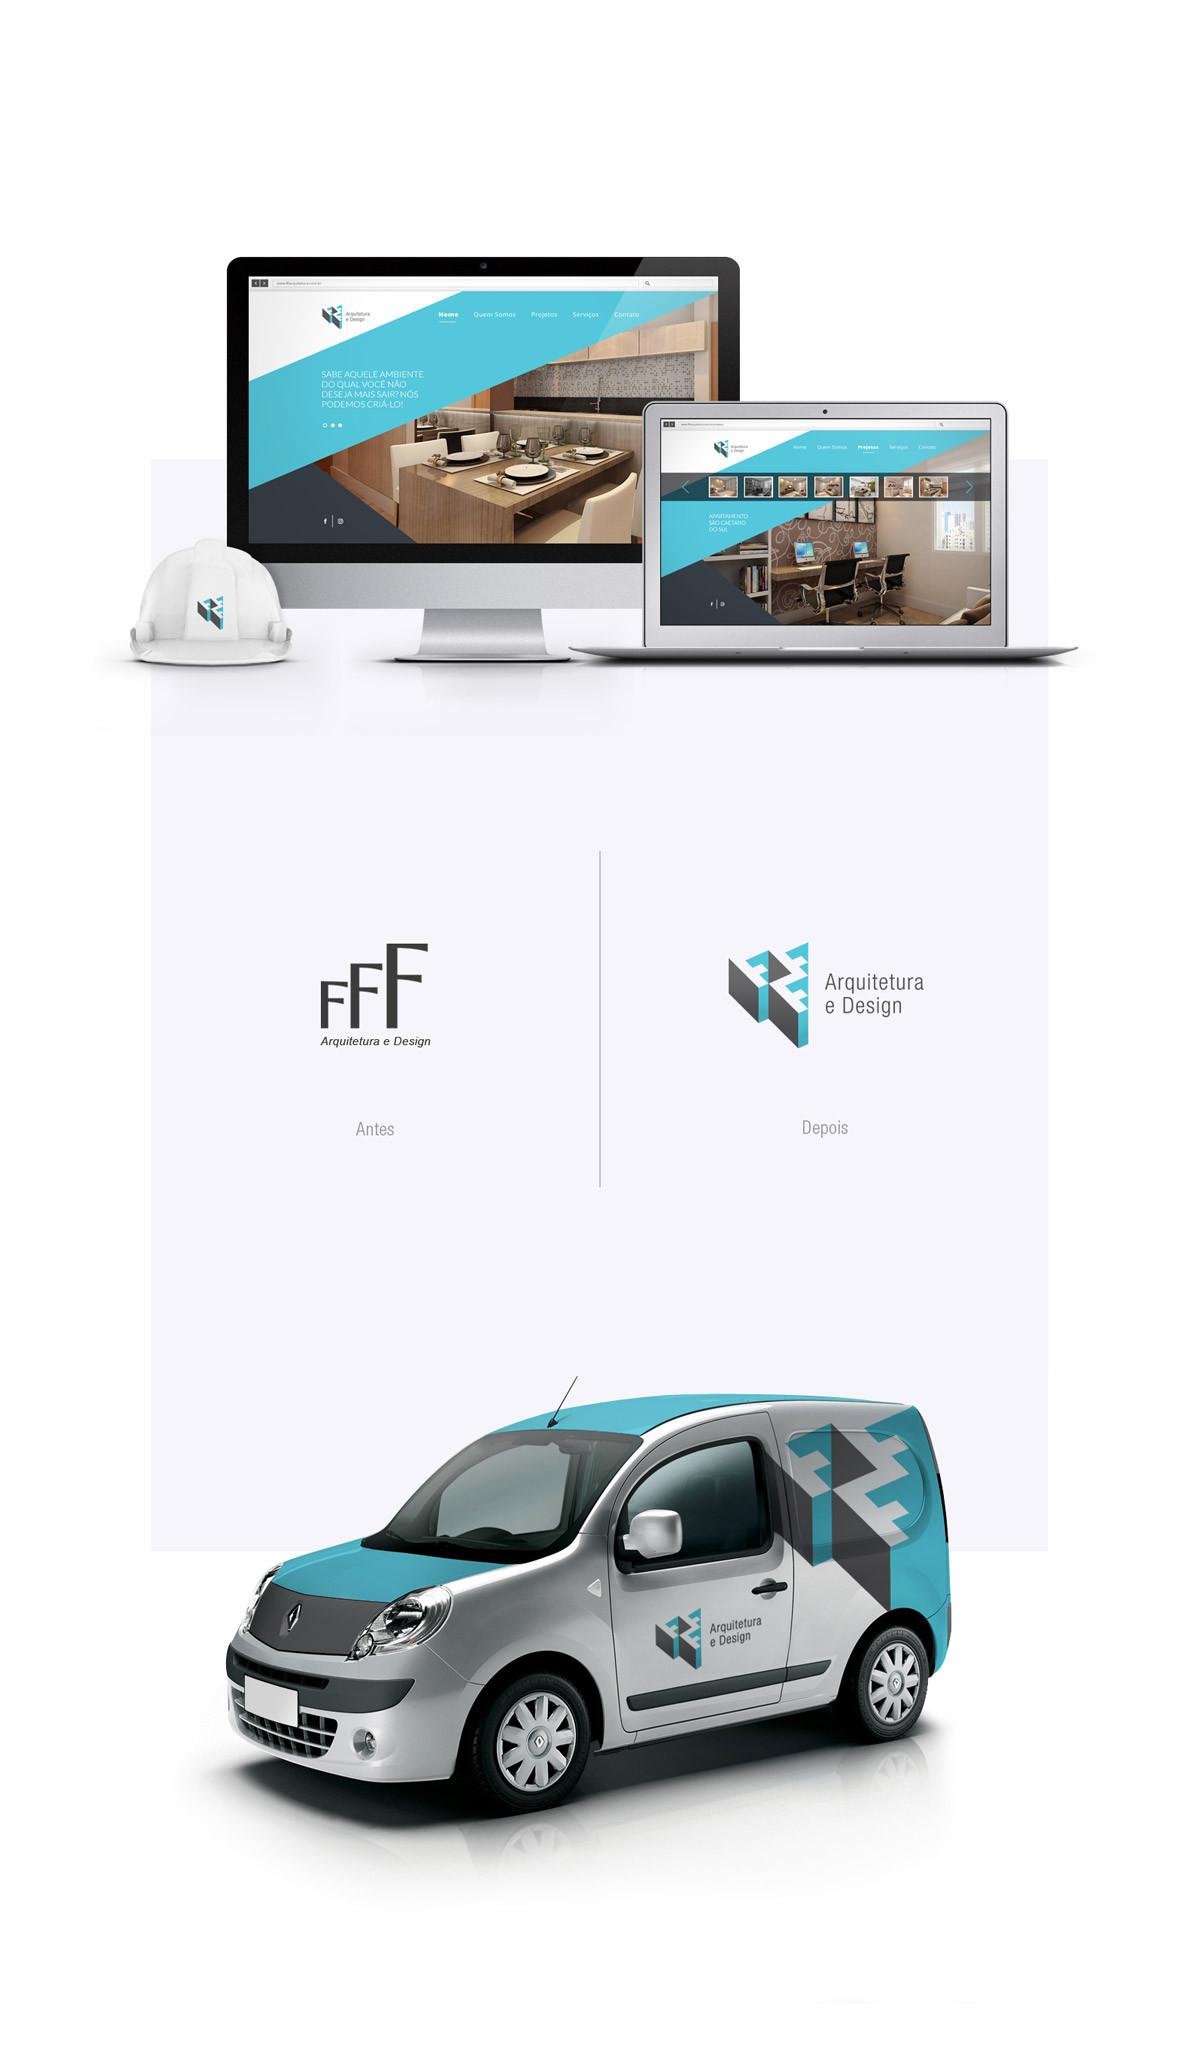 Redesign de marca FFF Arquitetura